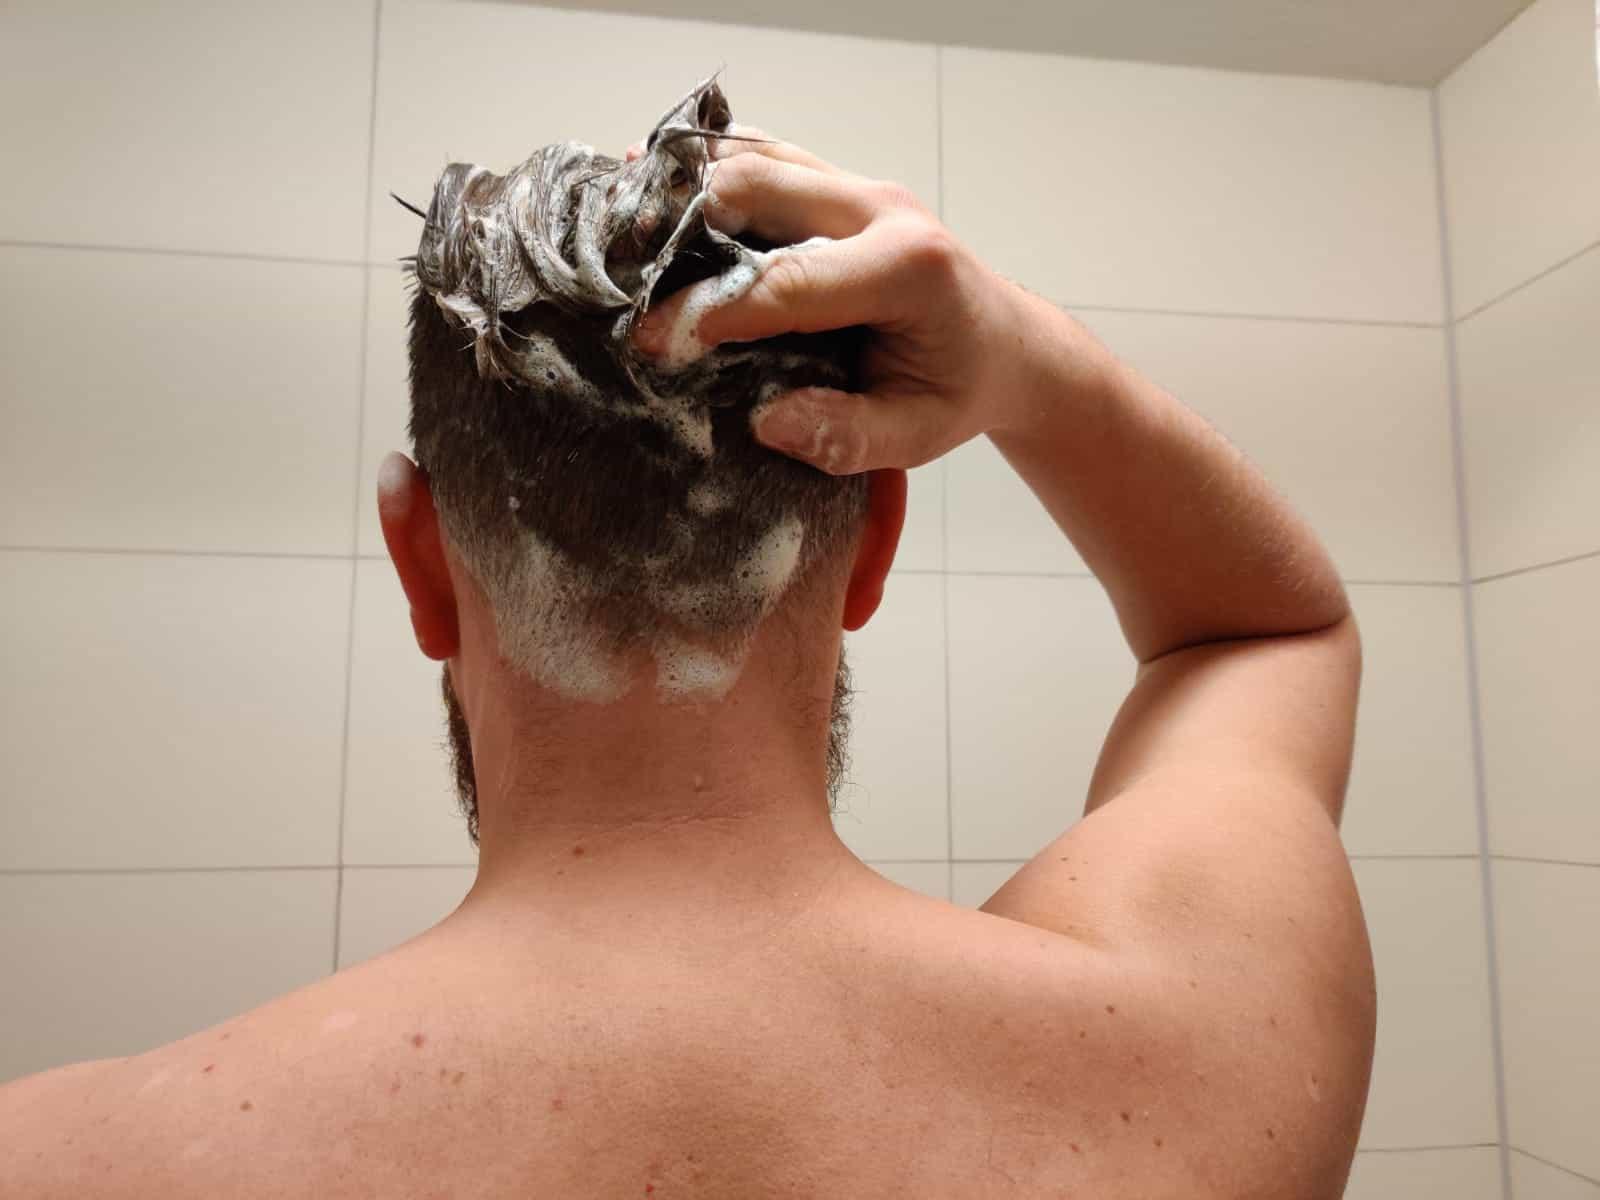 Körperhygiene im Van - Bewusst Haarewaschen und Duschen!